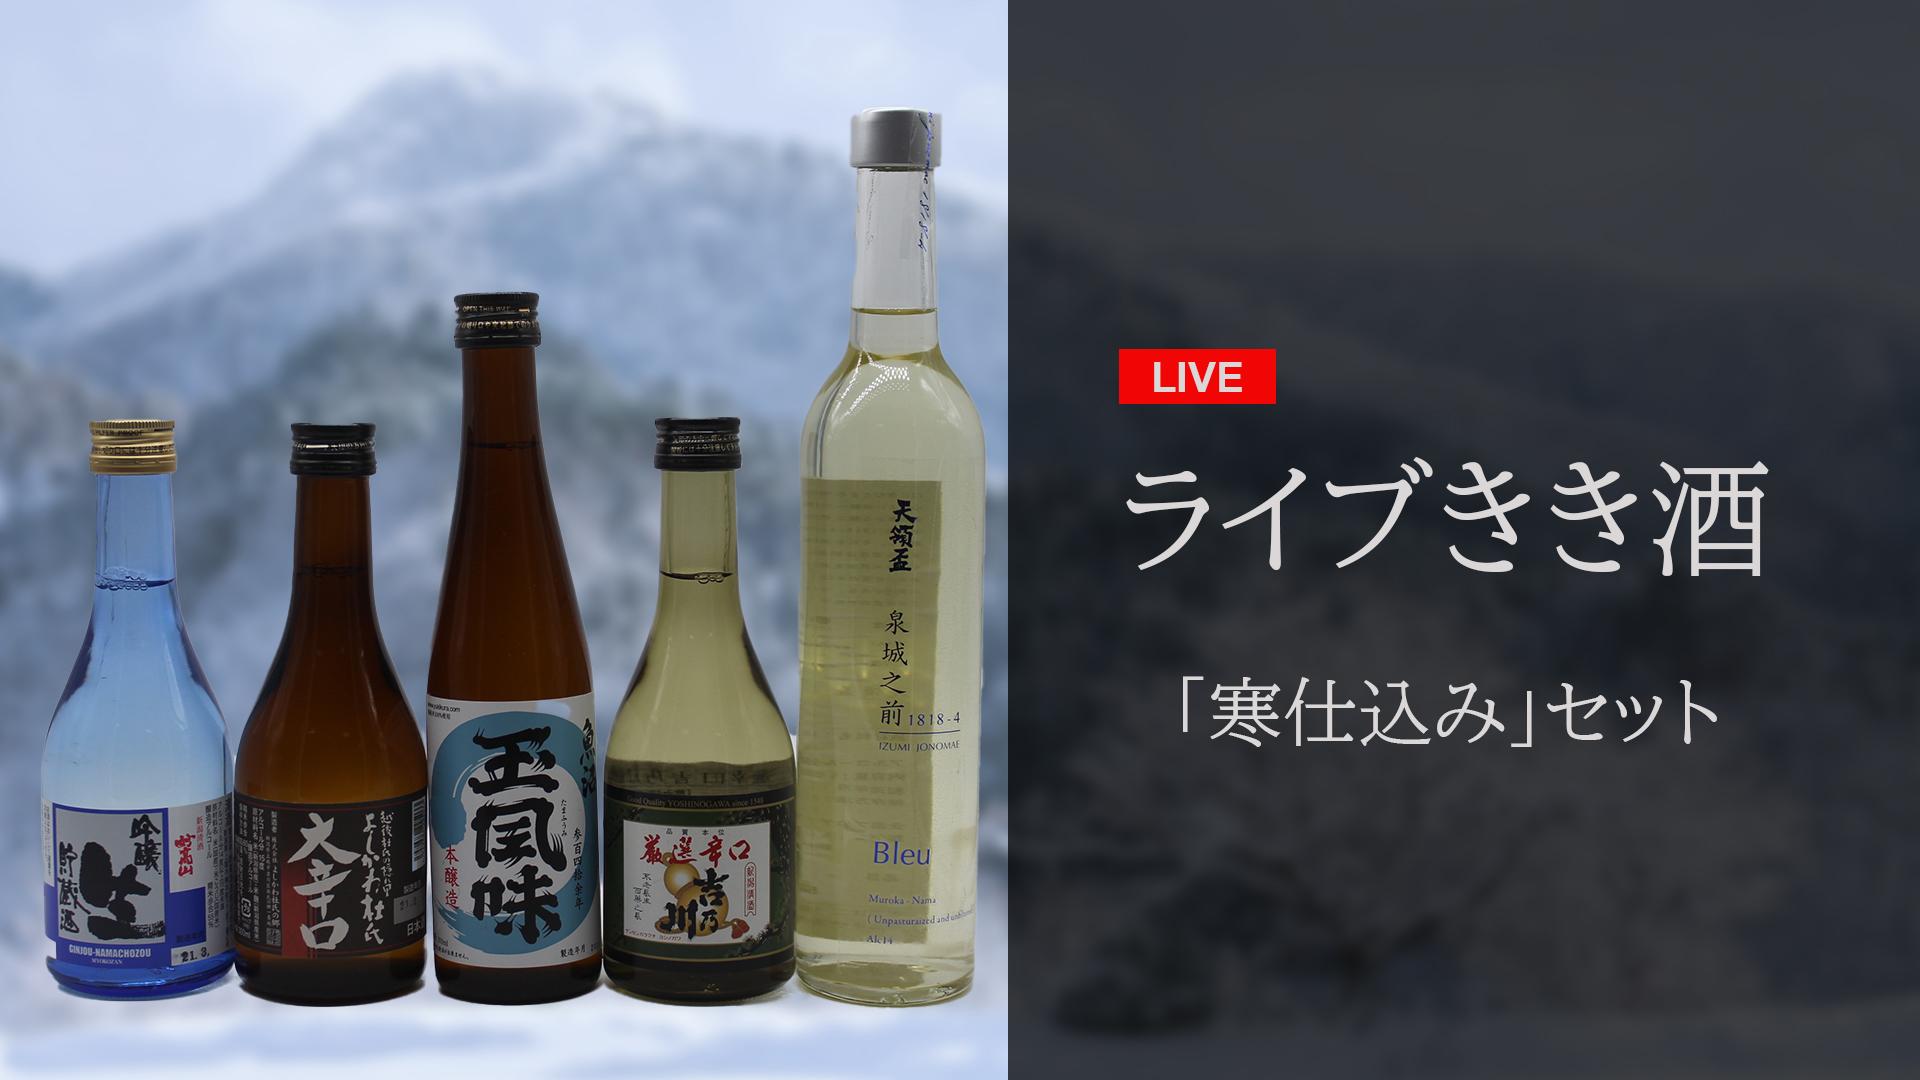 ライブきき酒「寒仕込み」セット! & エンディング サムネイル